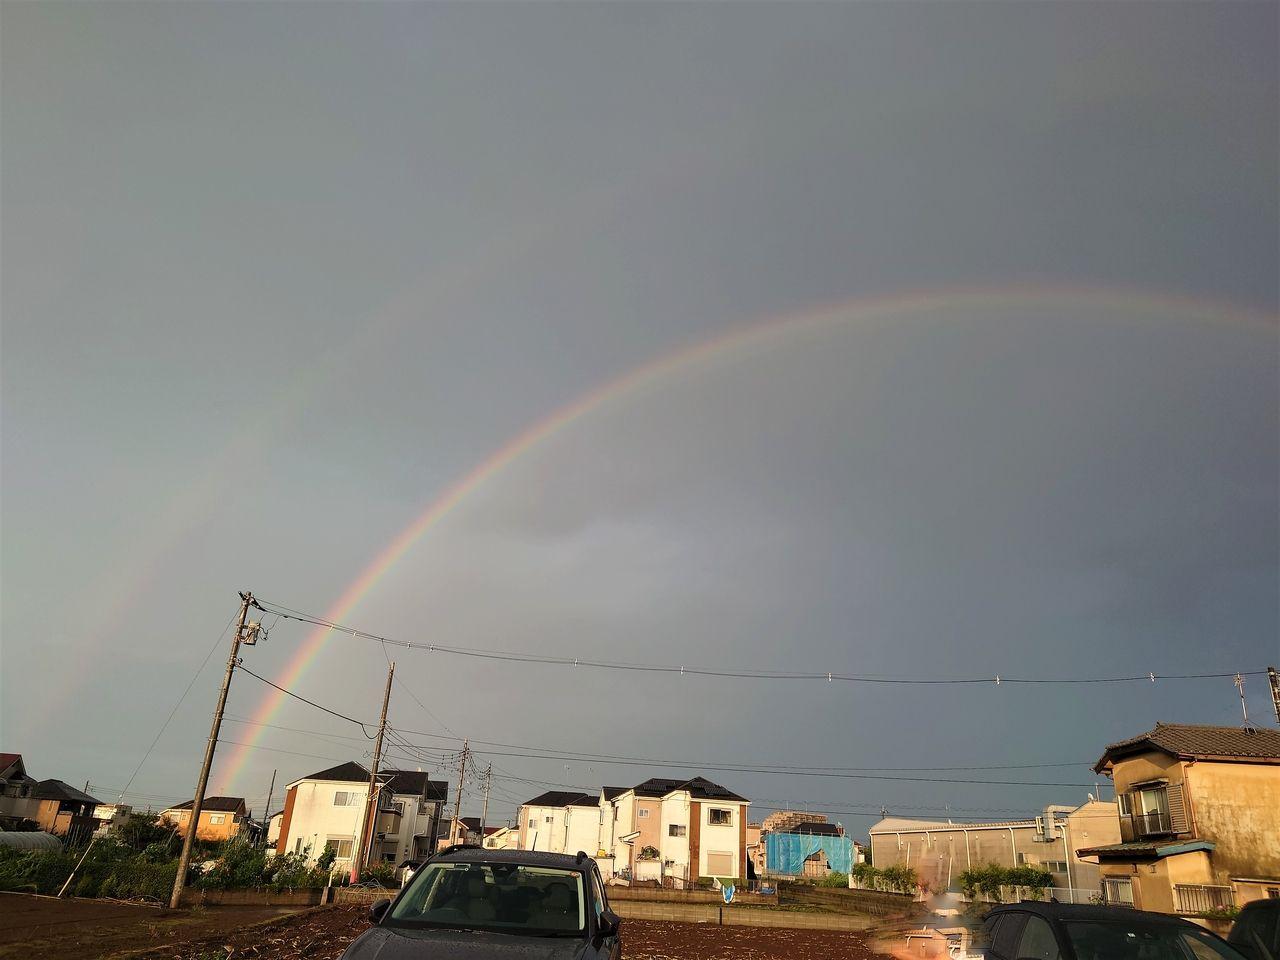 二本の虹がはっきりと見えます